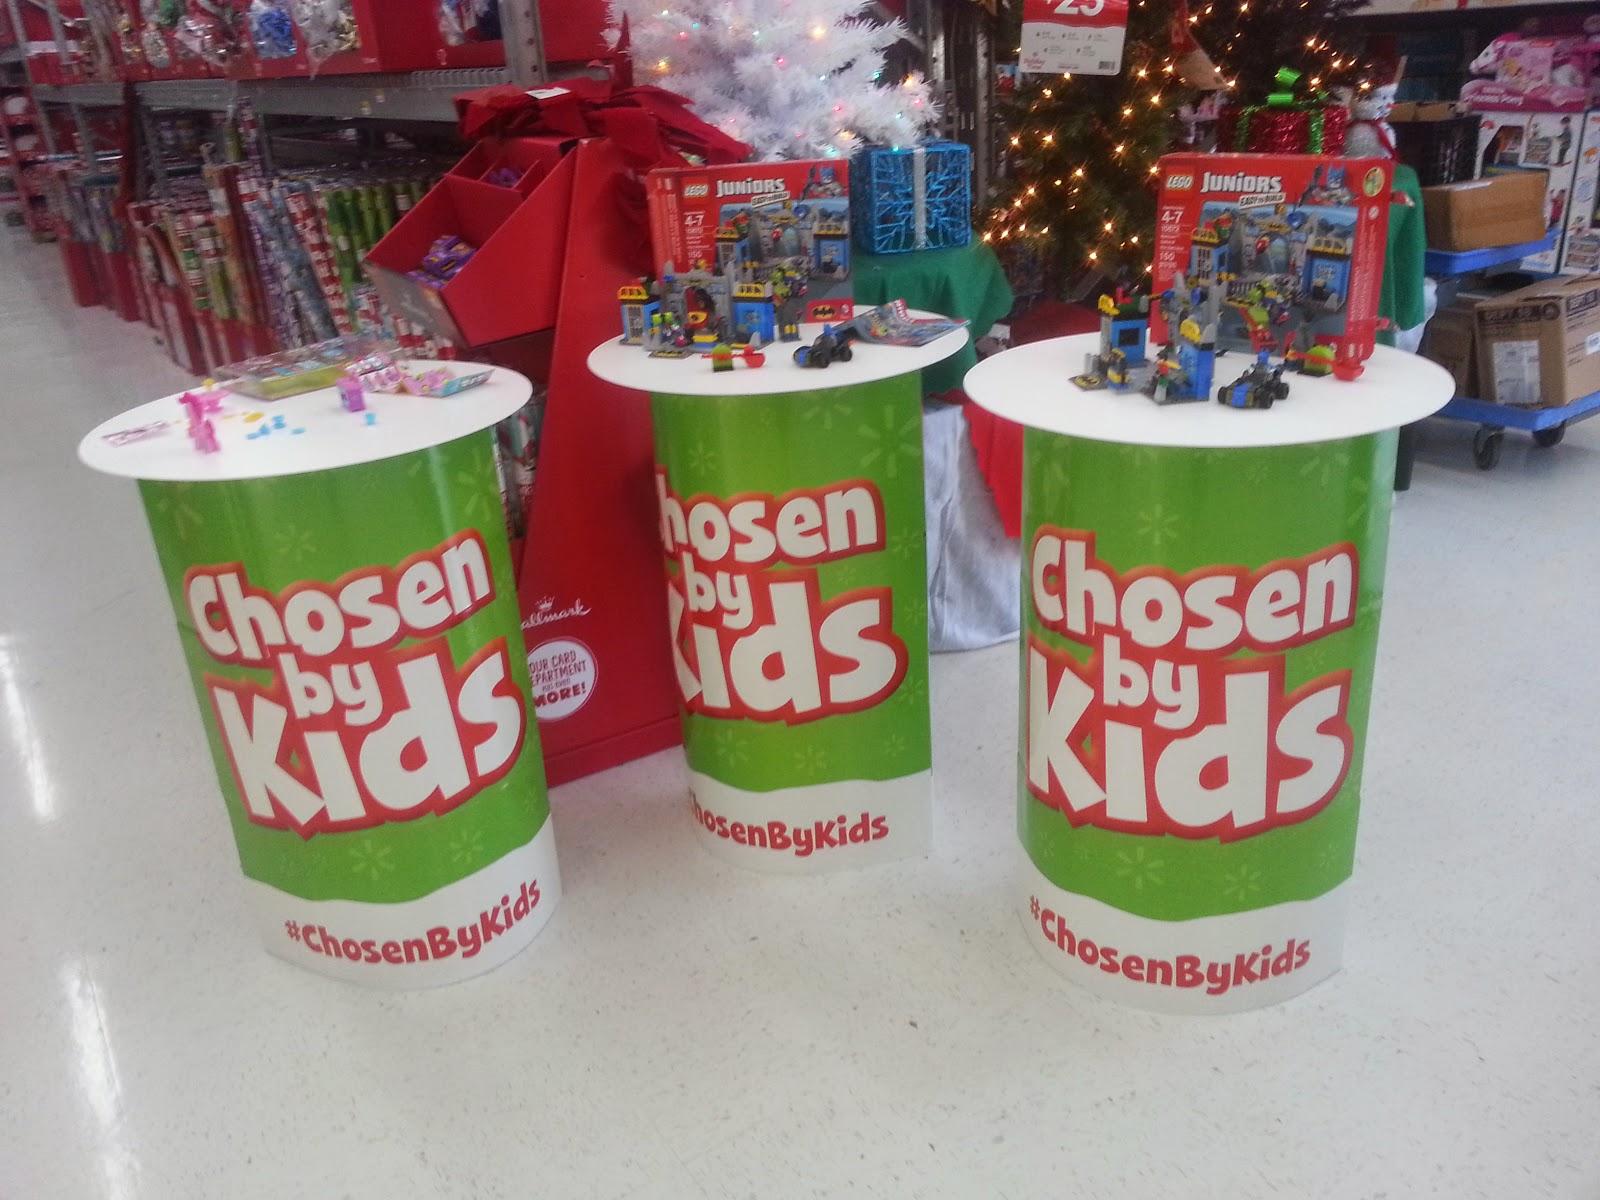 #ChosenByKids @ Walmart